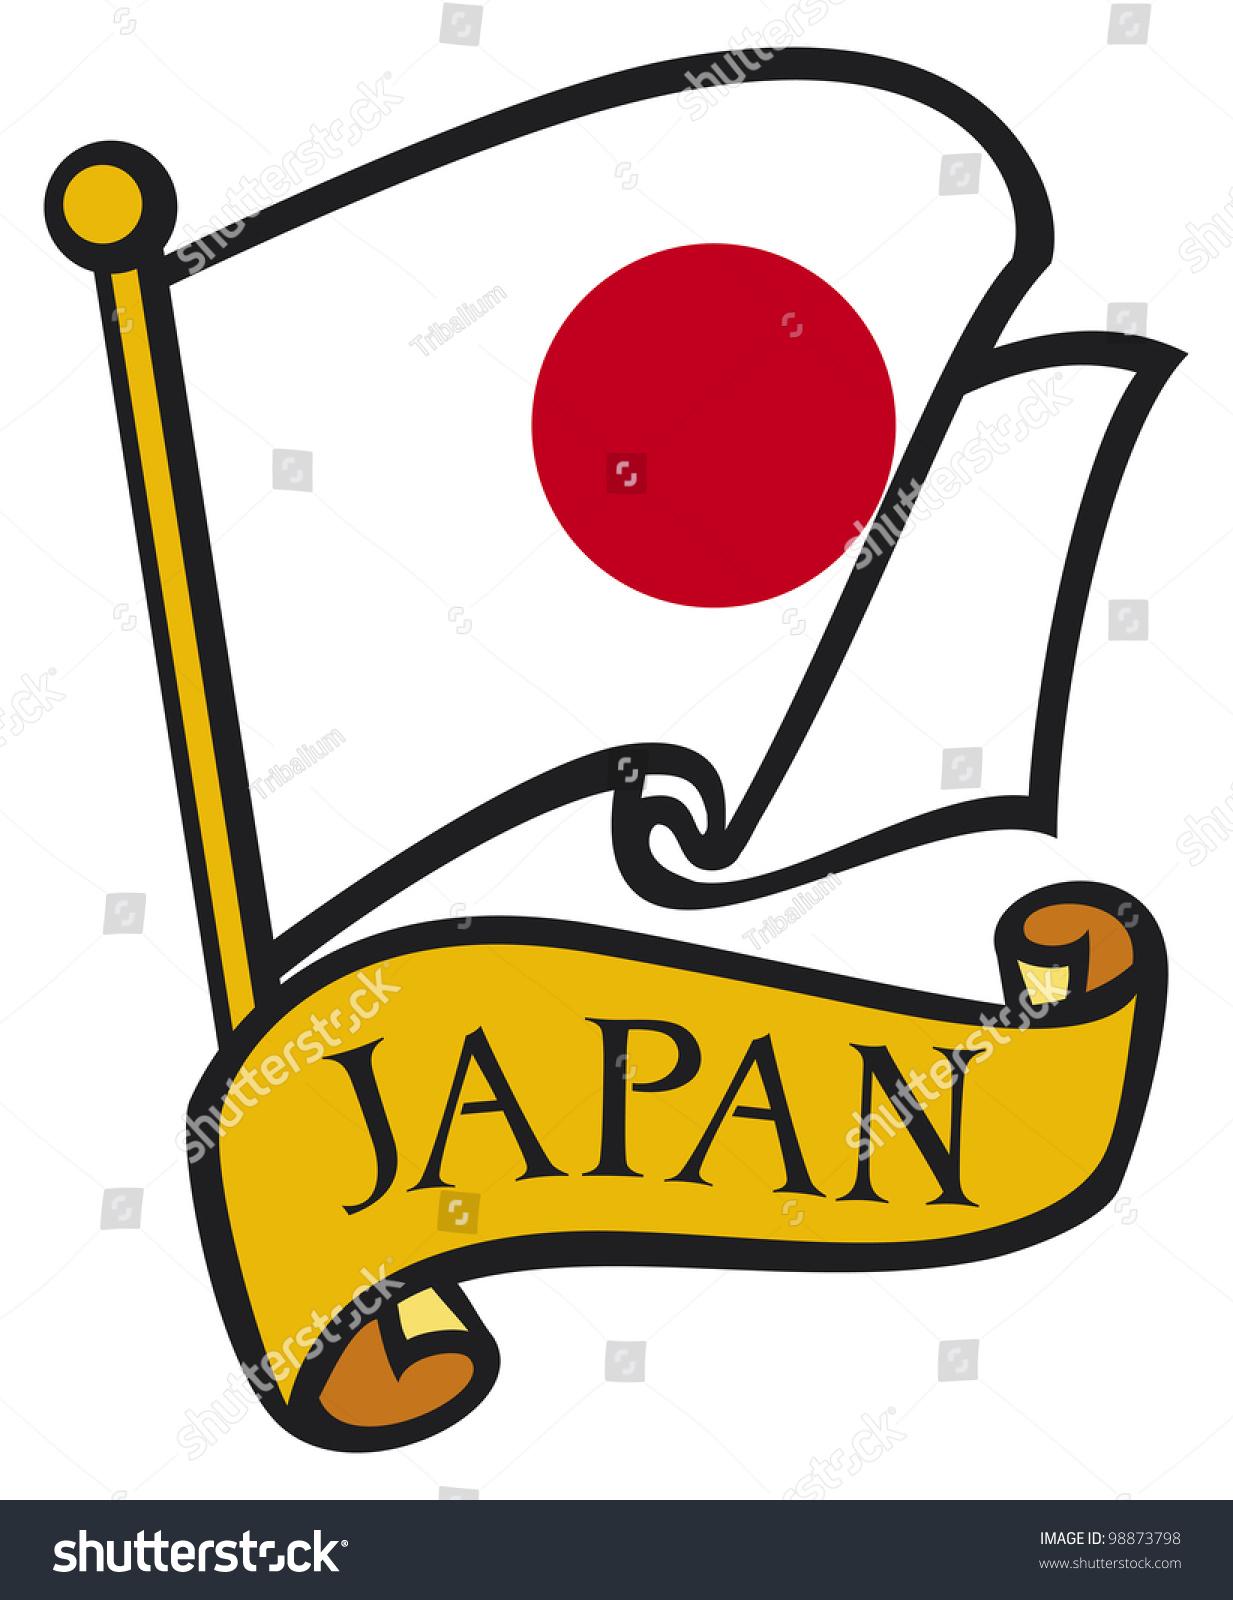 japan flag stock illustration 98873798 shutterstock